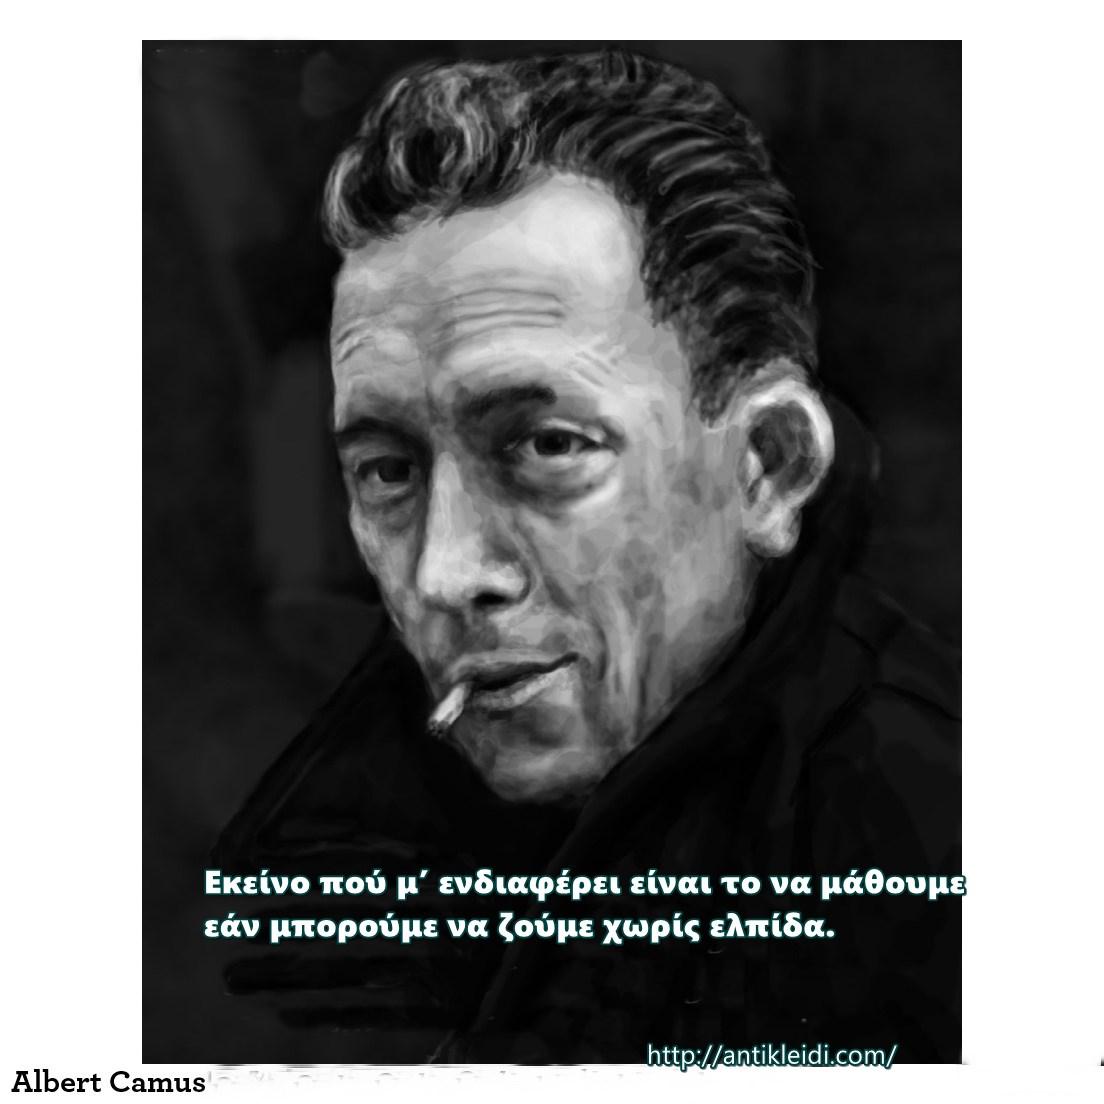 Albert-Camus-6